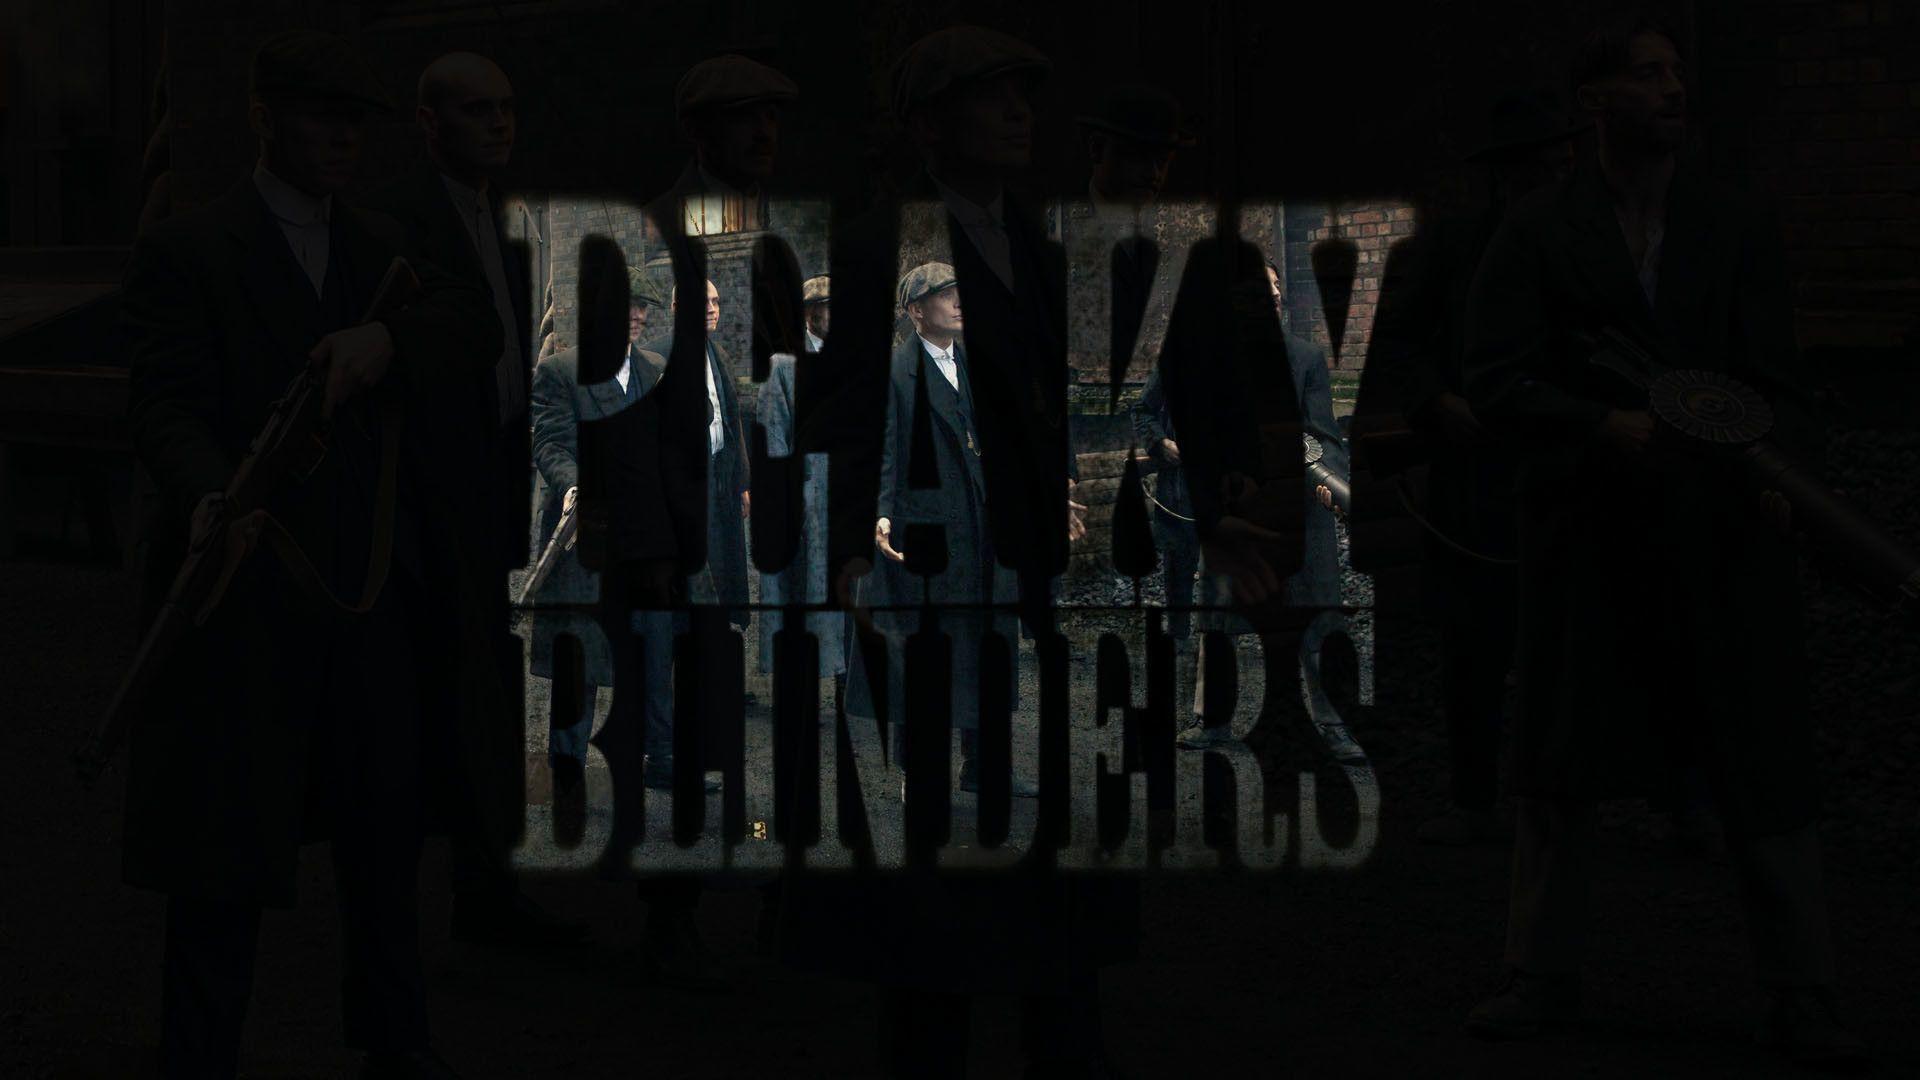 1920x1080 Peaky Blinders Wallpapers Wallpaper Peaky Blinders Wallpaper Peaky Blinders Peaky Blinders Thomas